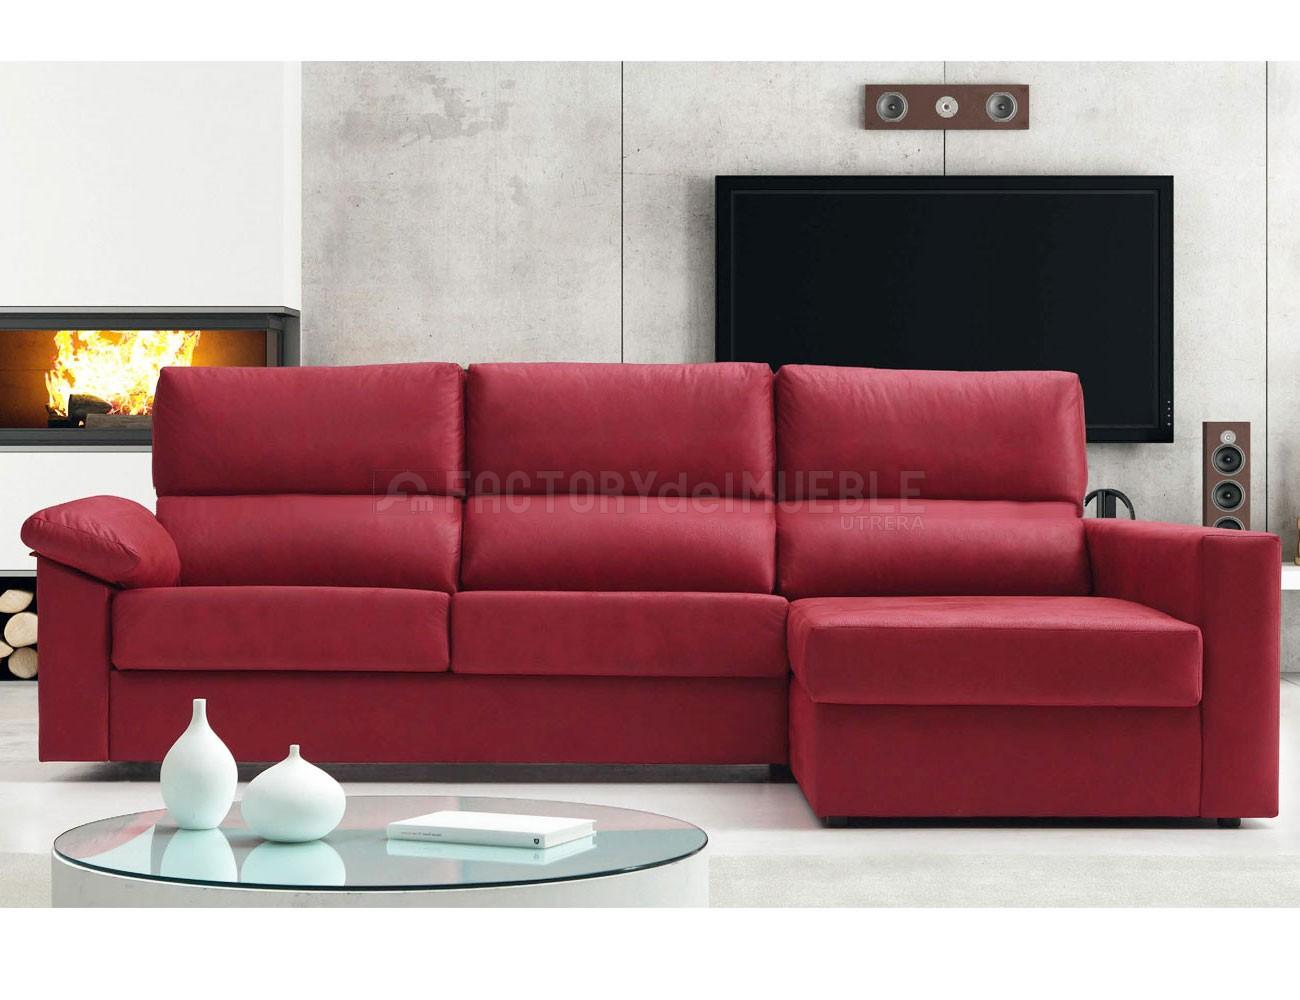 Sof cama con chaiselongue y sistema de apertura italiano for Muebles con sofa cama